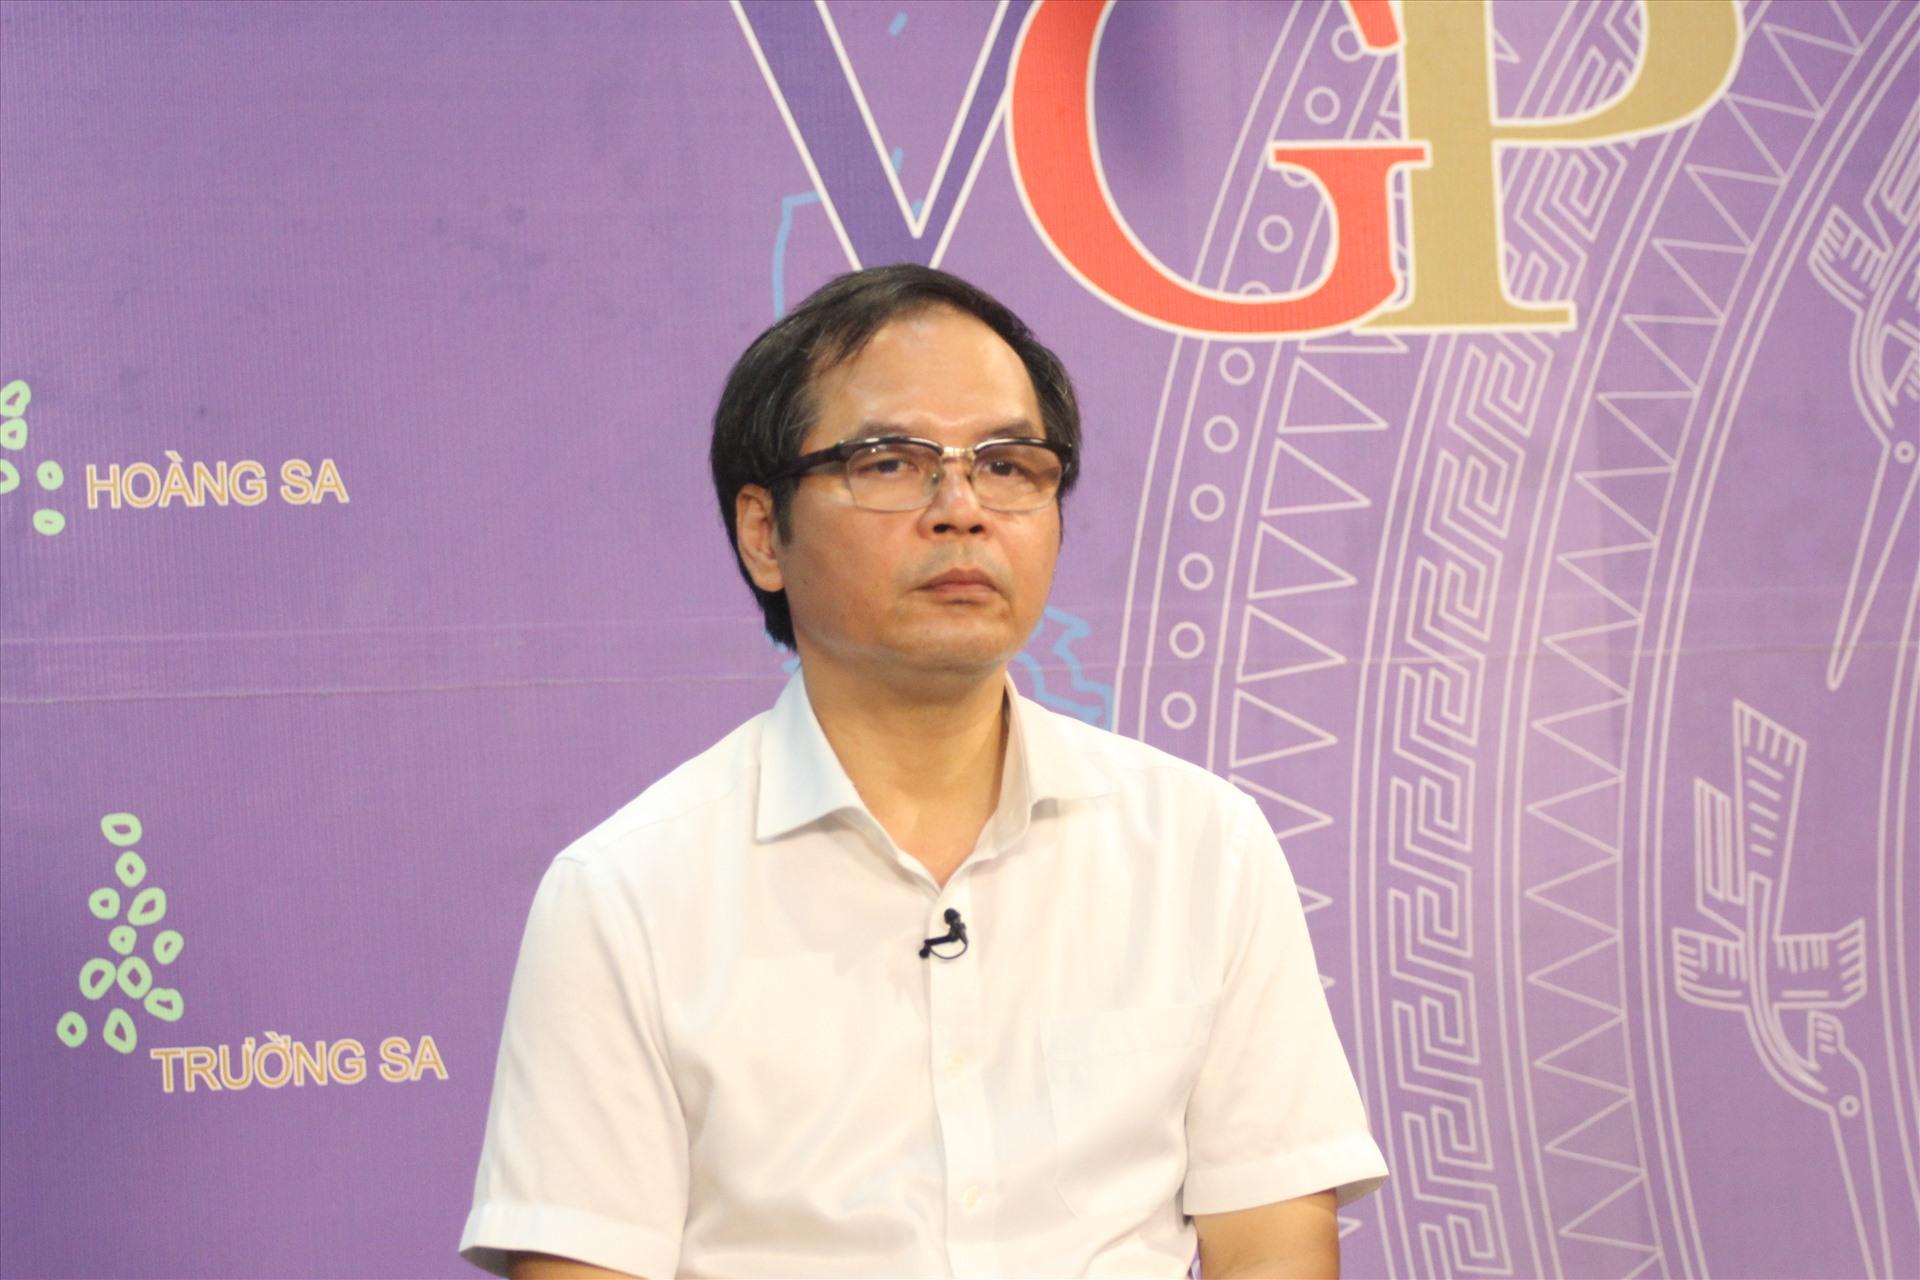 Ông Tô Hoài Nam - Phó Chủ tịch Thường trực kiêm Tổng Thư ký hiệp hội Doanh nghiệp nhỏ và vừa Việt Nam. T.Vương